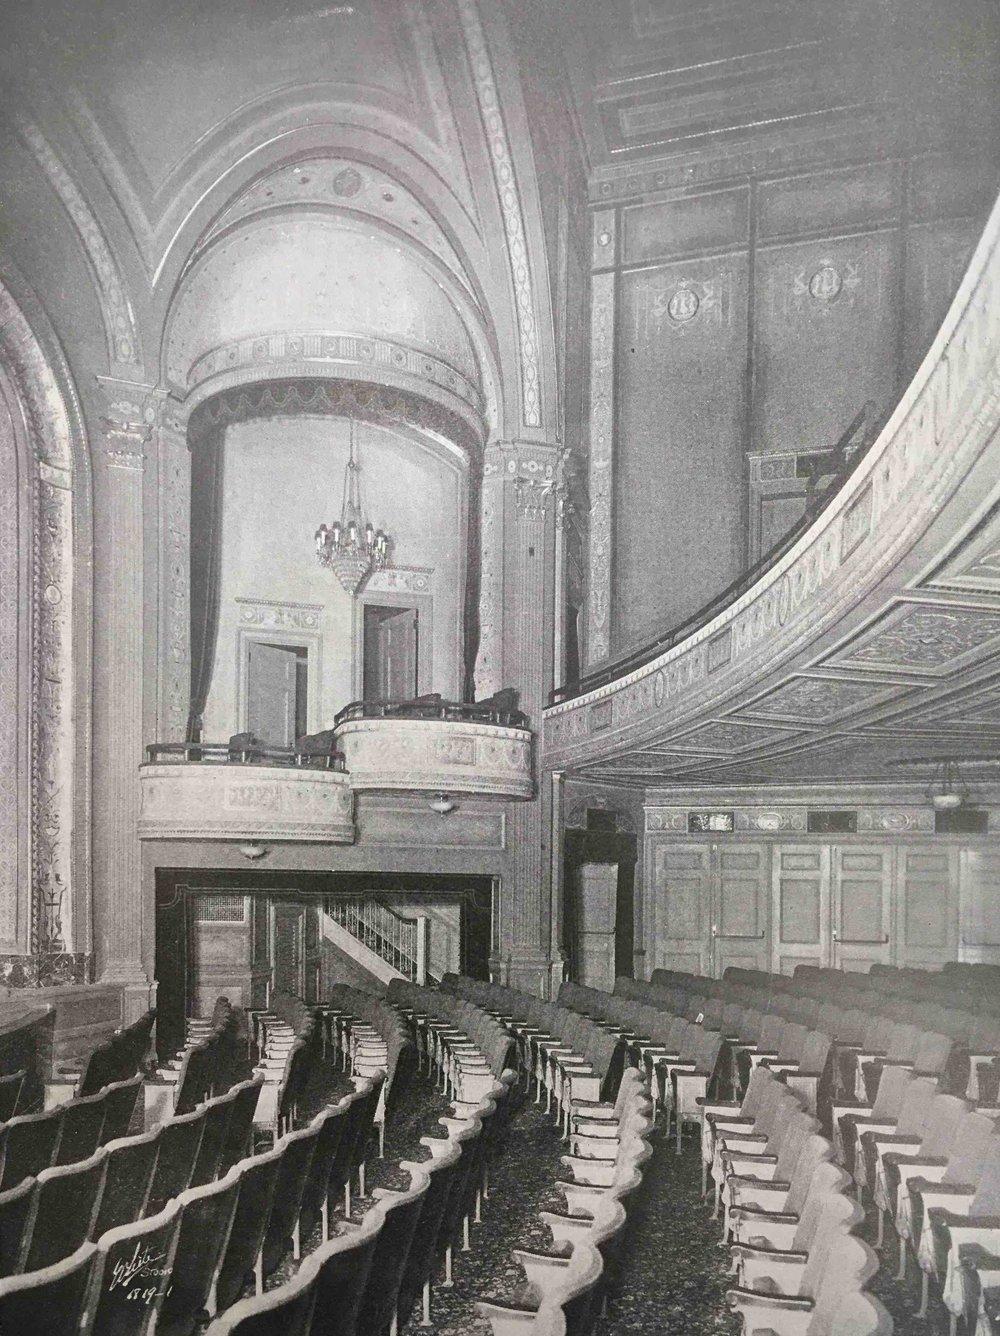 Times Square Theater interior, 1920.